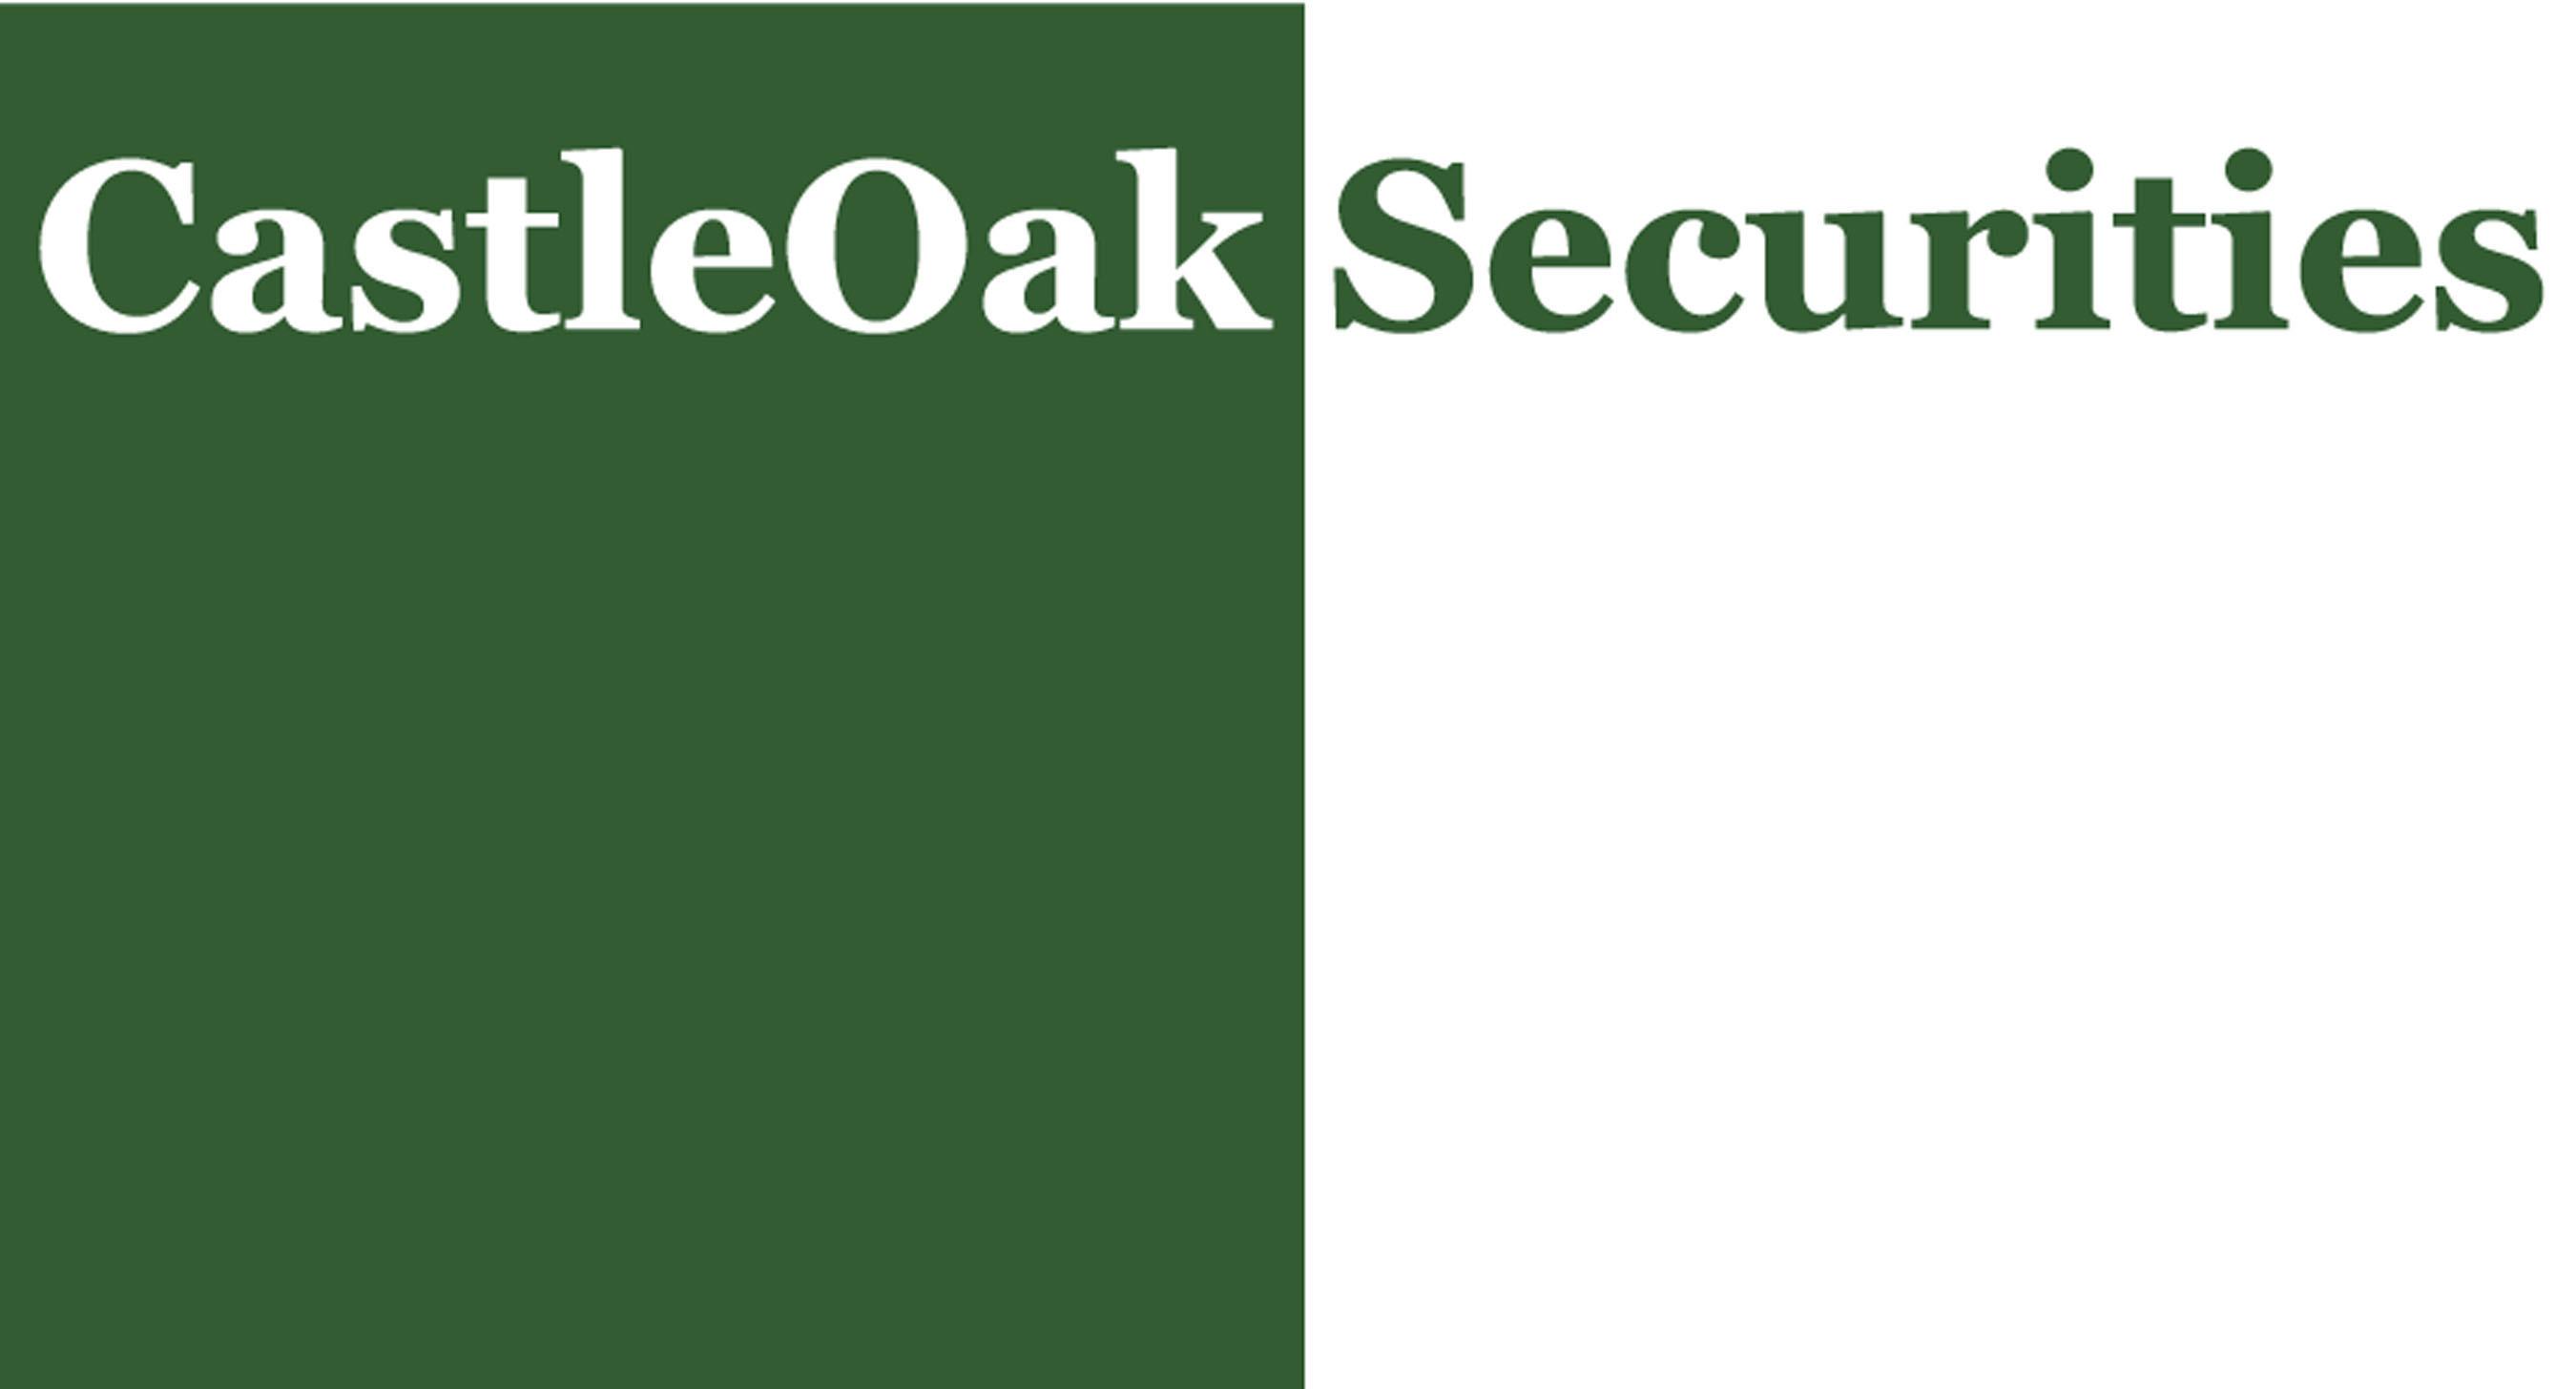 CastleOak Securities Logo